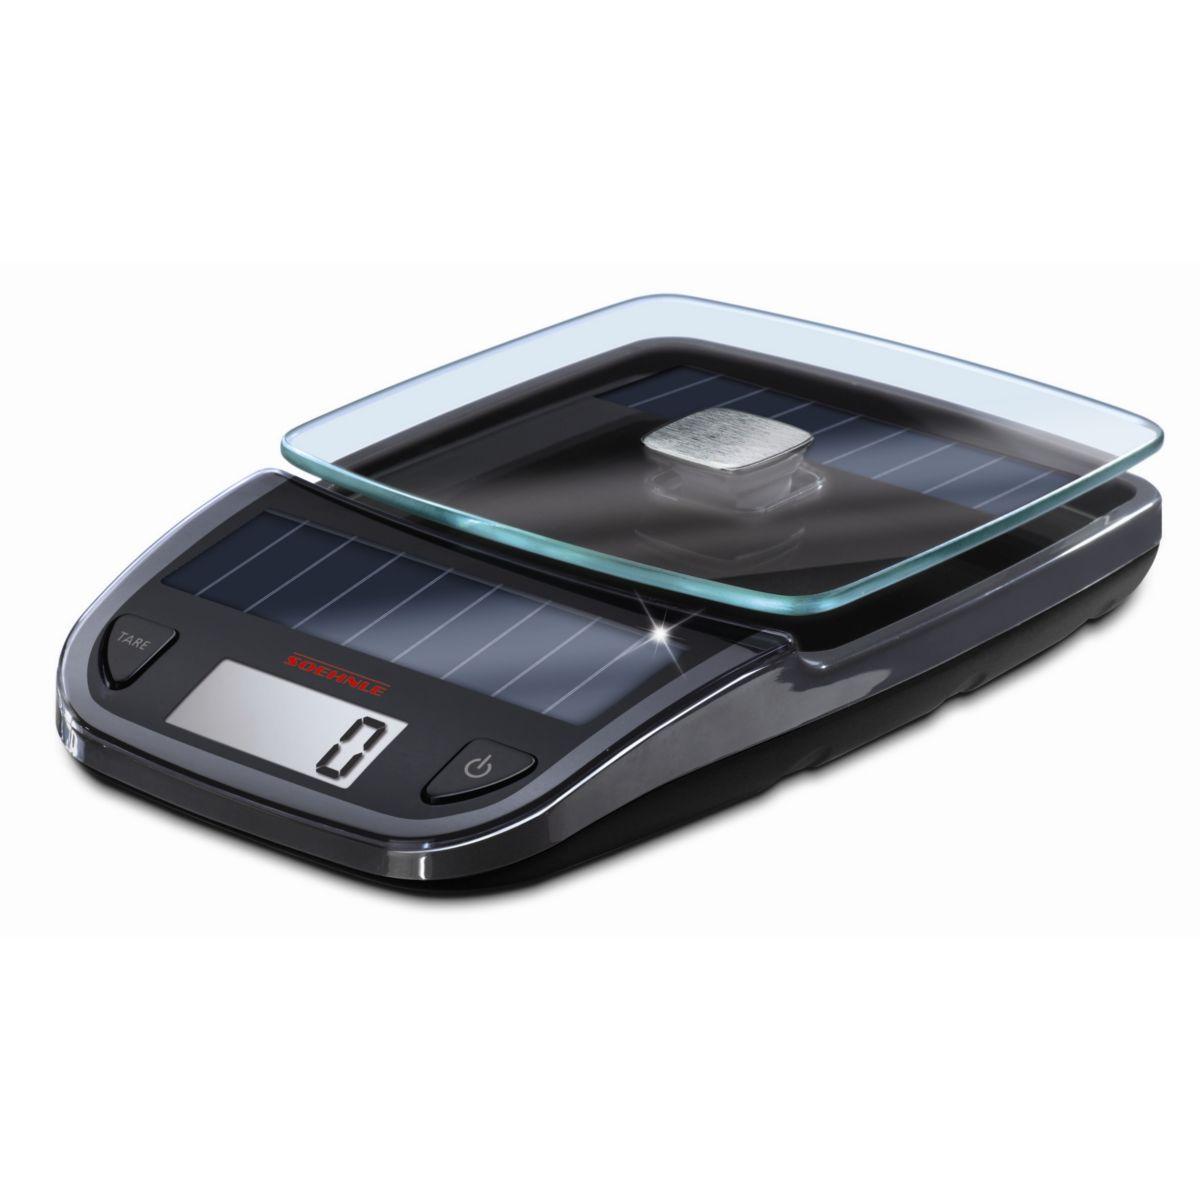 Soehnle solar balance culinaire solaire 5kg comparer - Balance cuisine solaire ...